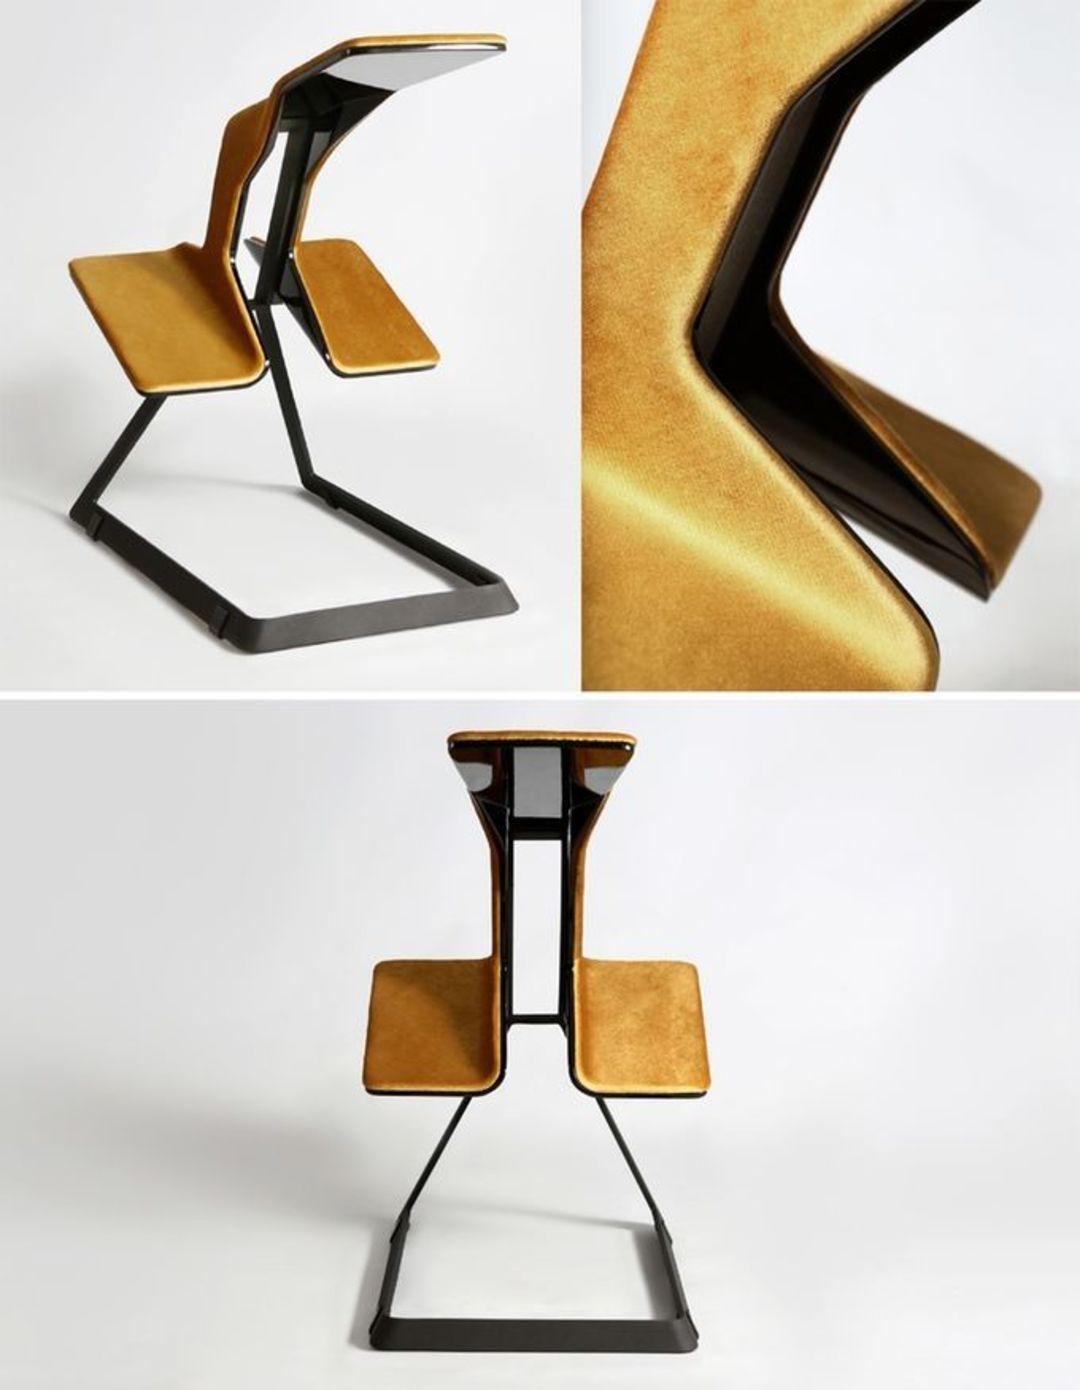 有久坐病的你,应该看看这款长相古怪的椅子_设计_好奇心日报